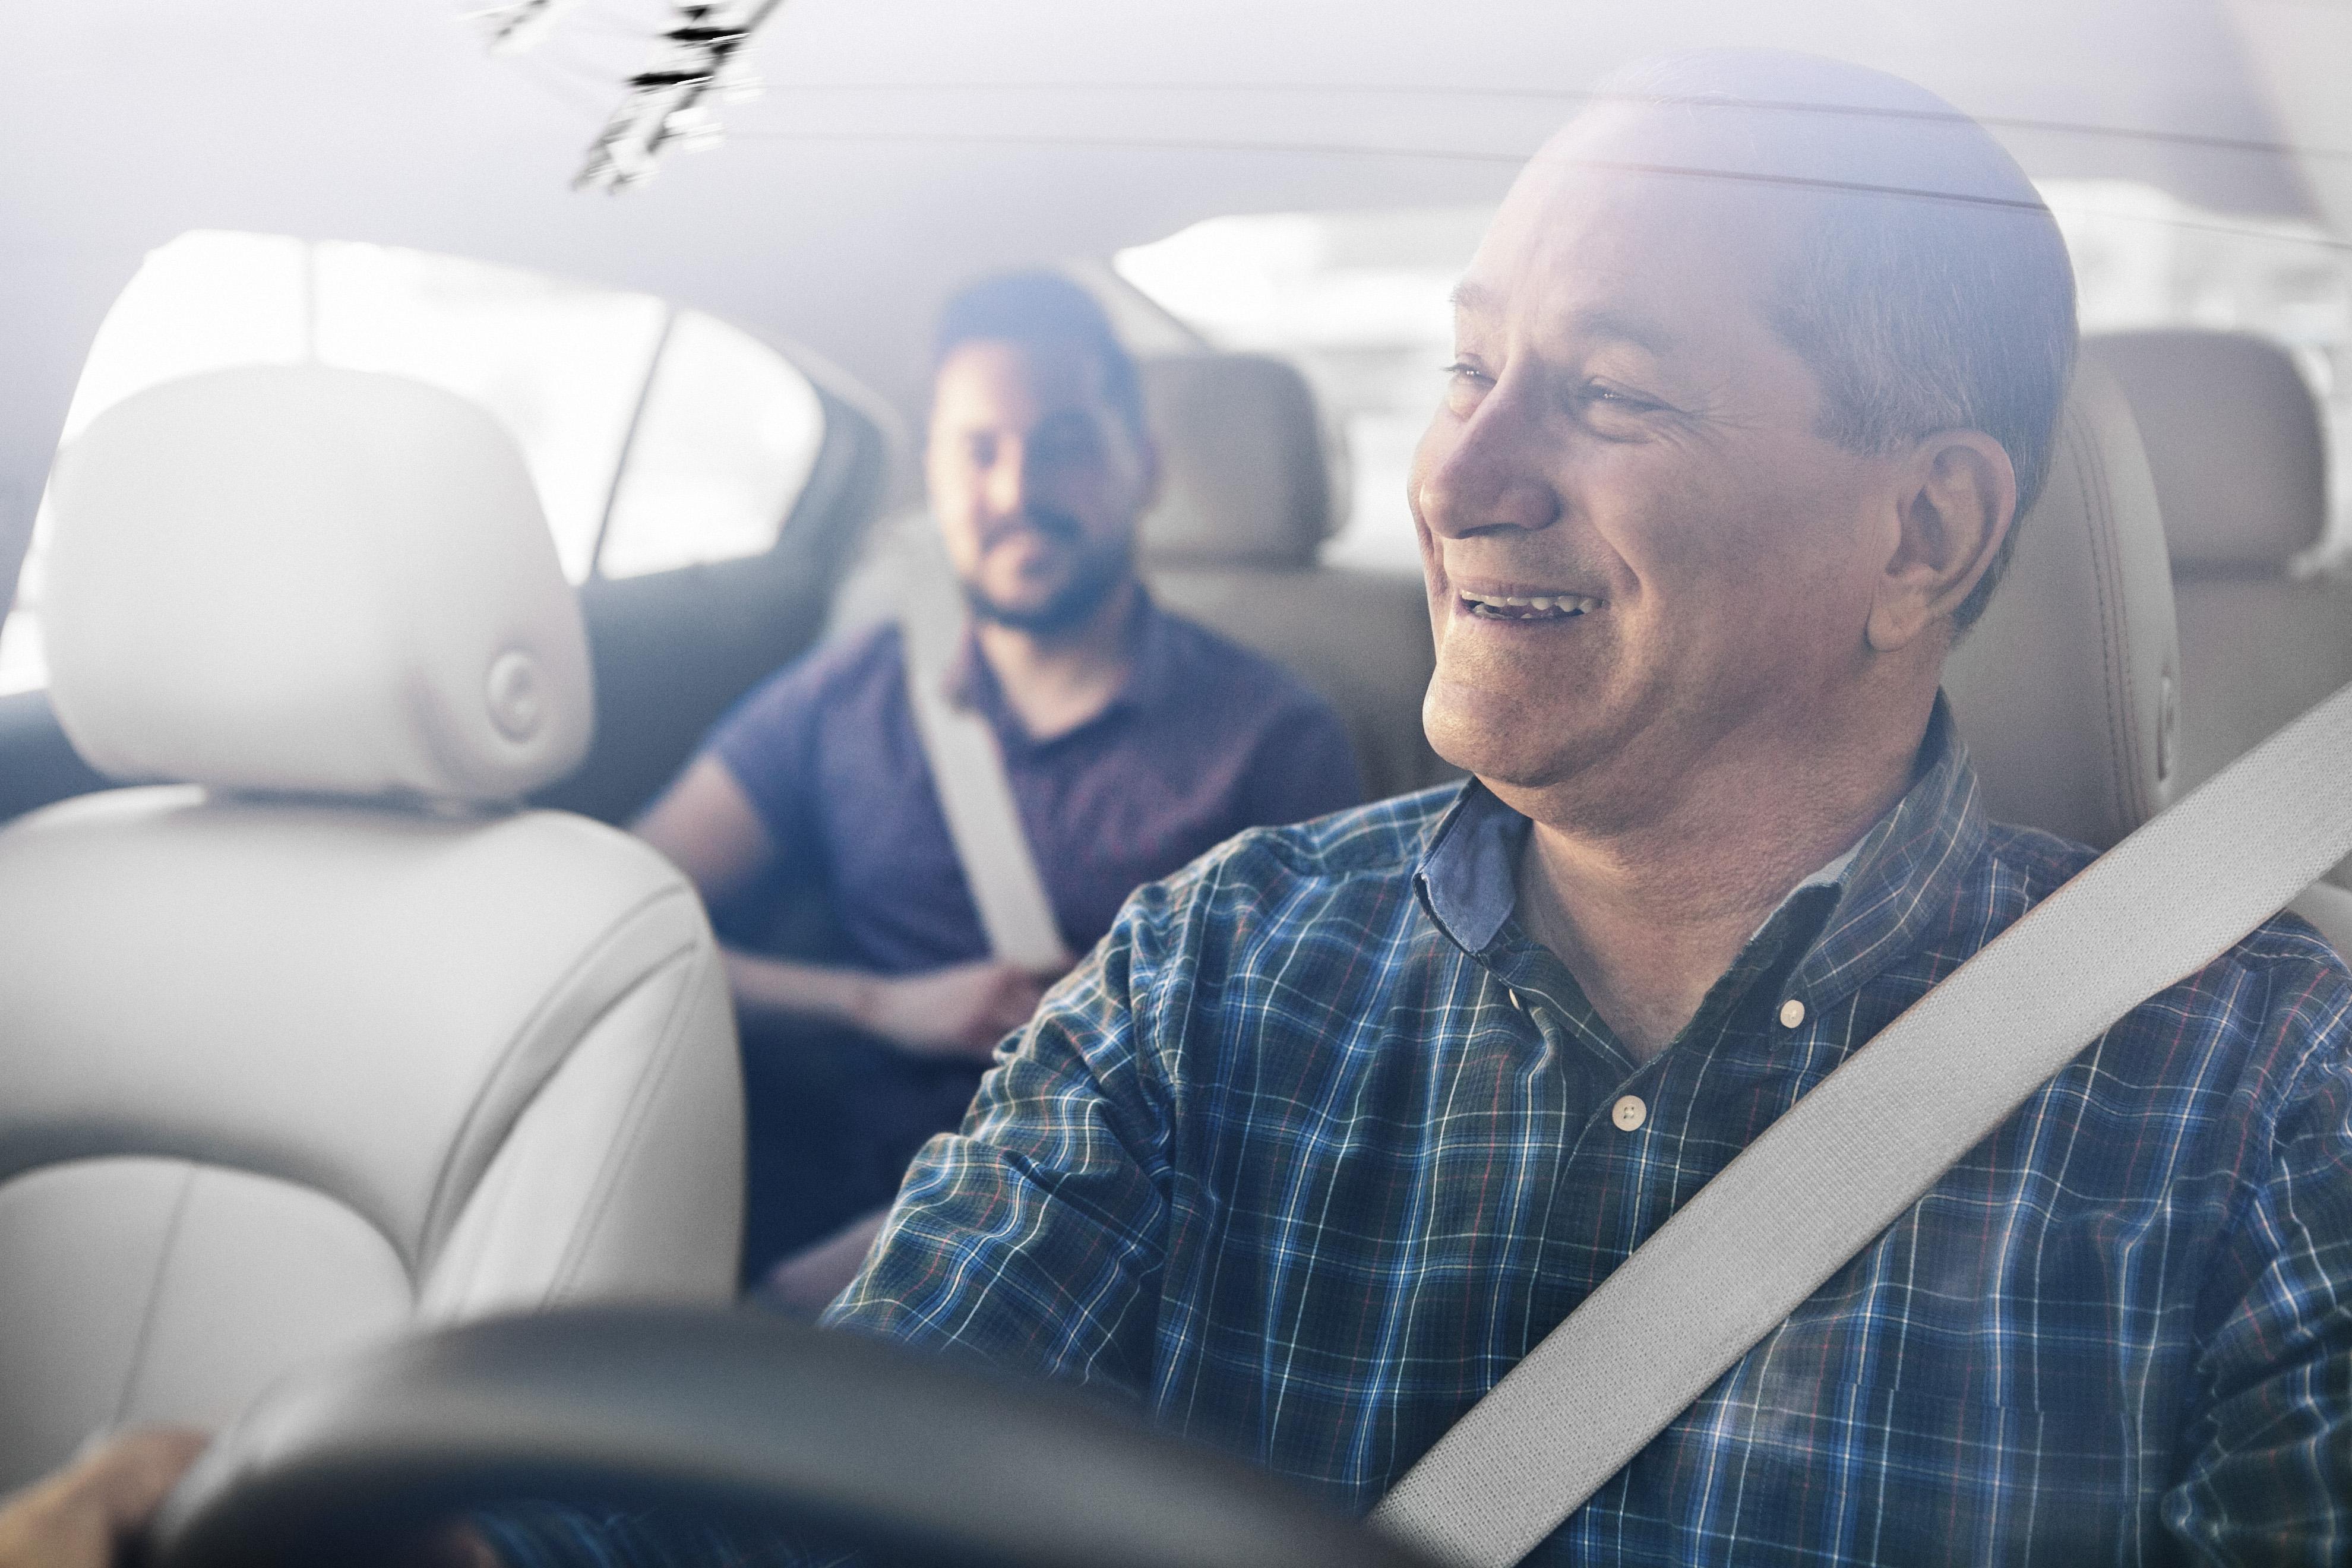 Uber permettra bientôt de suivre en temps réel les trajets empruntés par sa famille